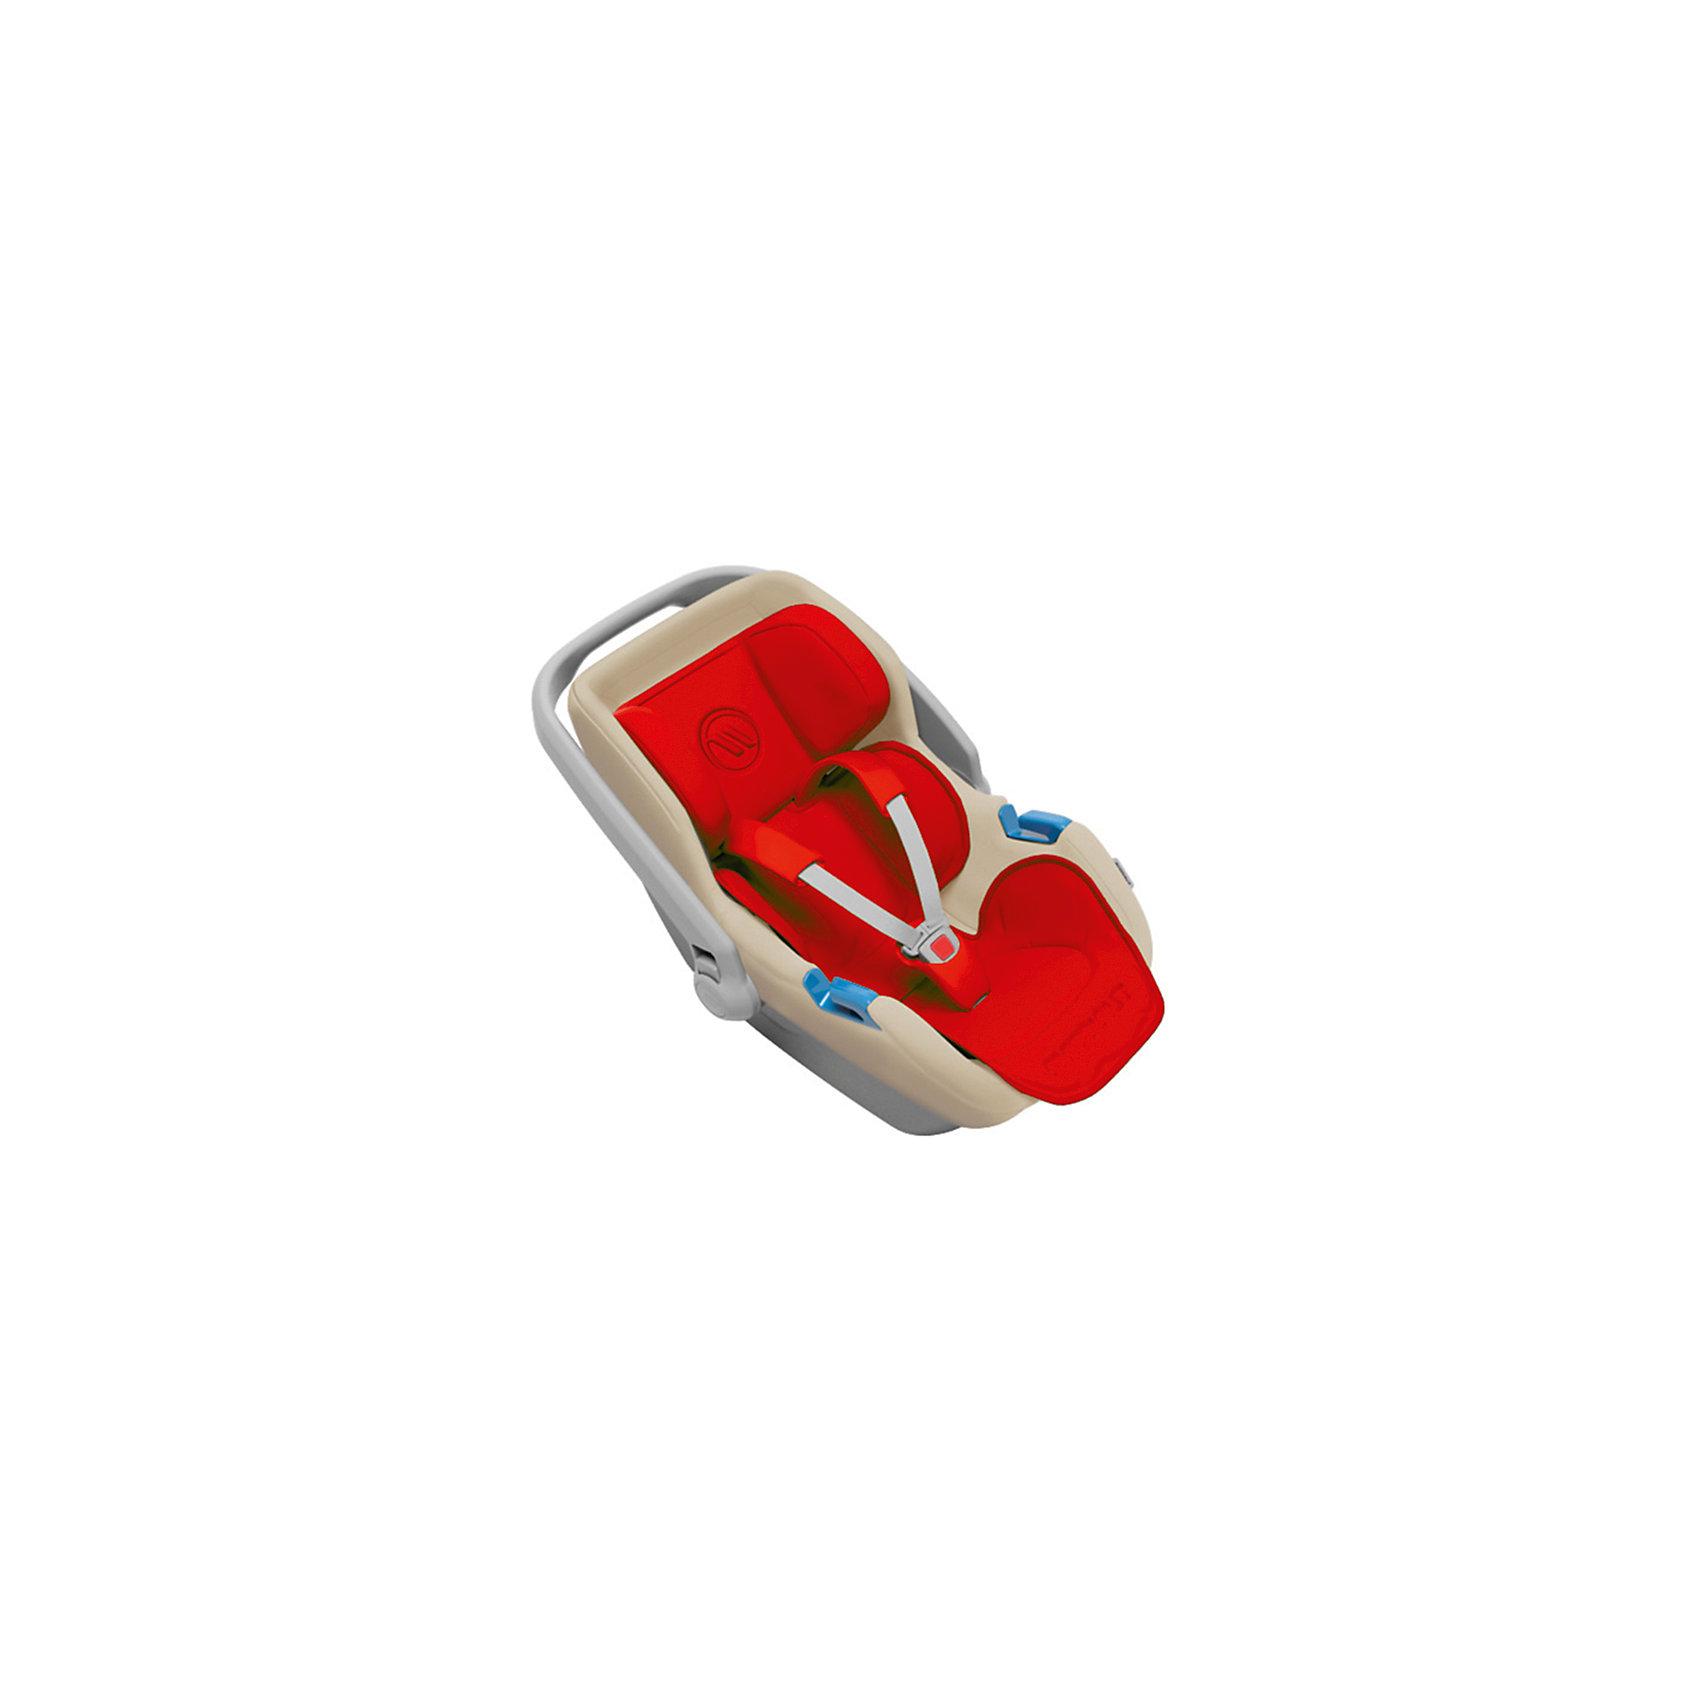 Автокресло Avionaut Jet, 0-13кг, красный/бежевыйГруппа 0+ (До 13 кг)<br>Характеристики автокресла:<br><br>• группа: 0-0+;<br>• вес ребенка: до 13 кг;<br>• способ крепления: штатные ремни безопасности;<br>• способ установки: против хода движения автомобиля;<br>• 3-х точечные ремни безопасности, регулируемые по длине и высоте;<br>• высота подголовника регулируется;<br>• ручка для переноски автокресла;<br>• тент от солнечных лучей, можно снять и спрятать в кармашек на молнии;<br>• хлопковая обивка, снимается и стирается при температуре 30 градусов;<br>• имеется подушечка для малыша;<br>• полистиреновые вкладыши;<br>• имеется встроенный адаптер для установки автокресла на шасси коляски.<br><br>Размер автокресла: 71х65х81 см<br>Вес автокресла: 3 кг<br>Размер упаковки: 70х44х37 см<br>Вес в упаковке: 3,5 кг<br><br>Автокресло Jet, 0-13кг., Avionaut, красный/бежевый можно купить в нашем интернет-магазине.<br><br>Ширина мм: 710<br>Глубина мм: 650<br>Высота мм: 810<br>Вес г: 3500<br>Возраст от месяцев: 0<br>Возраст до месяцев: 12<br>Пол: Унисекс<br>Возраст: Детский<br>SKU: 5559160